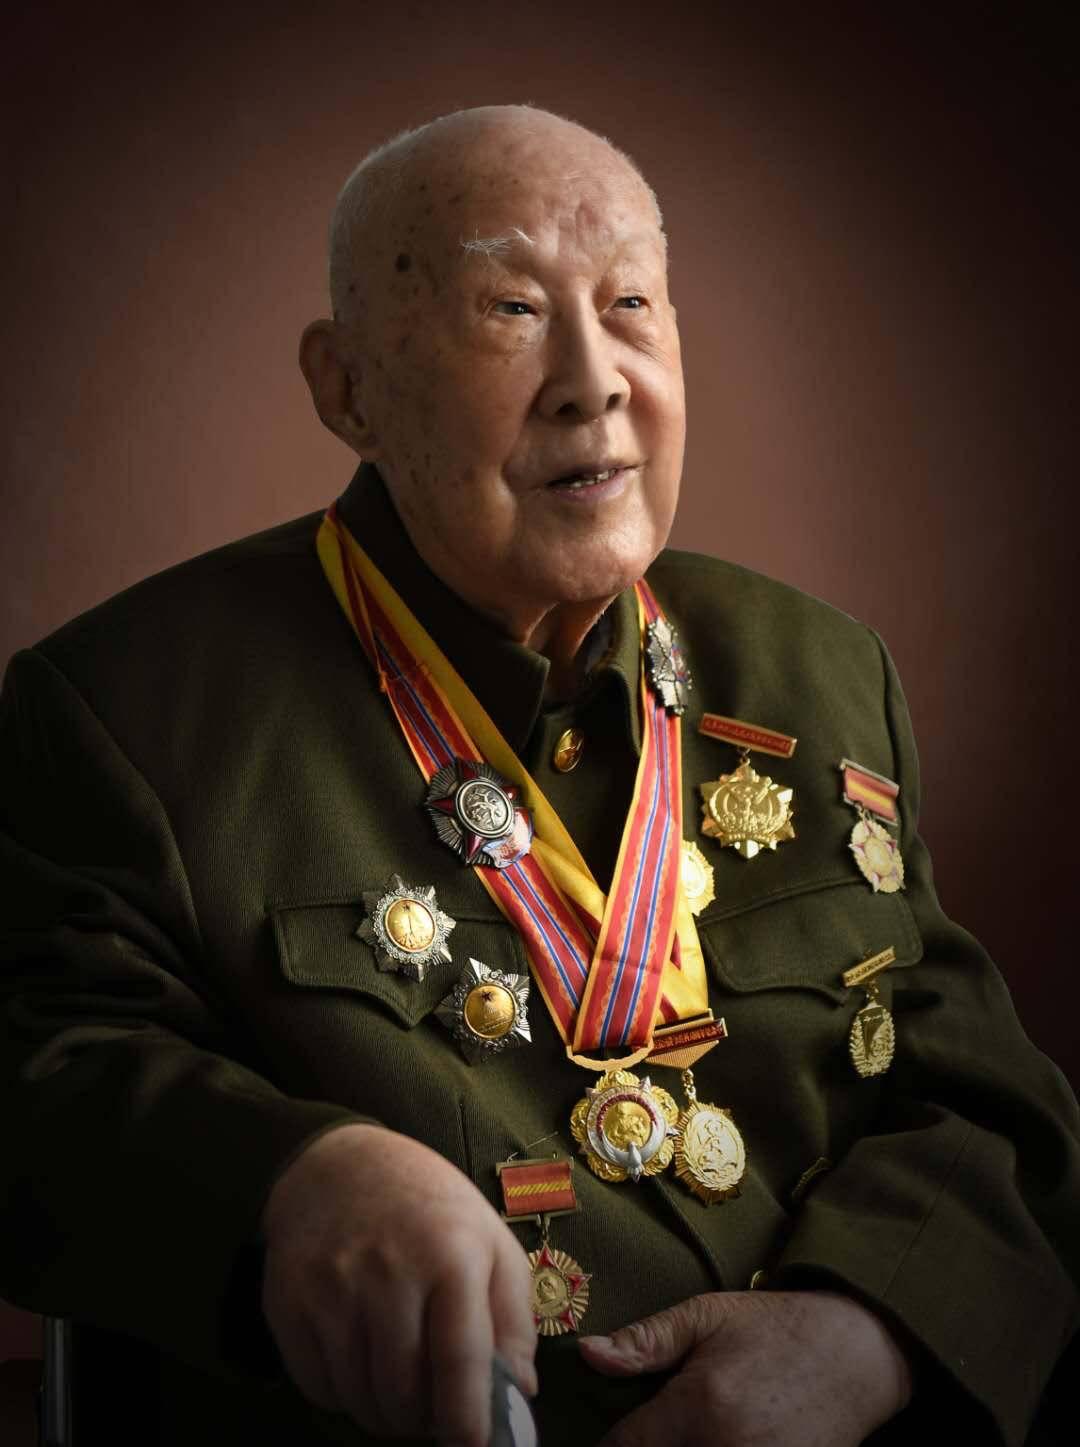 镜头下,百岁老将军真心开怀而笑—— 刘宁:用光影留驻他们的风骨